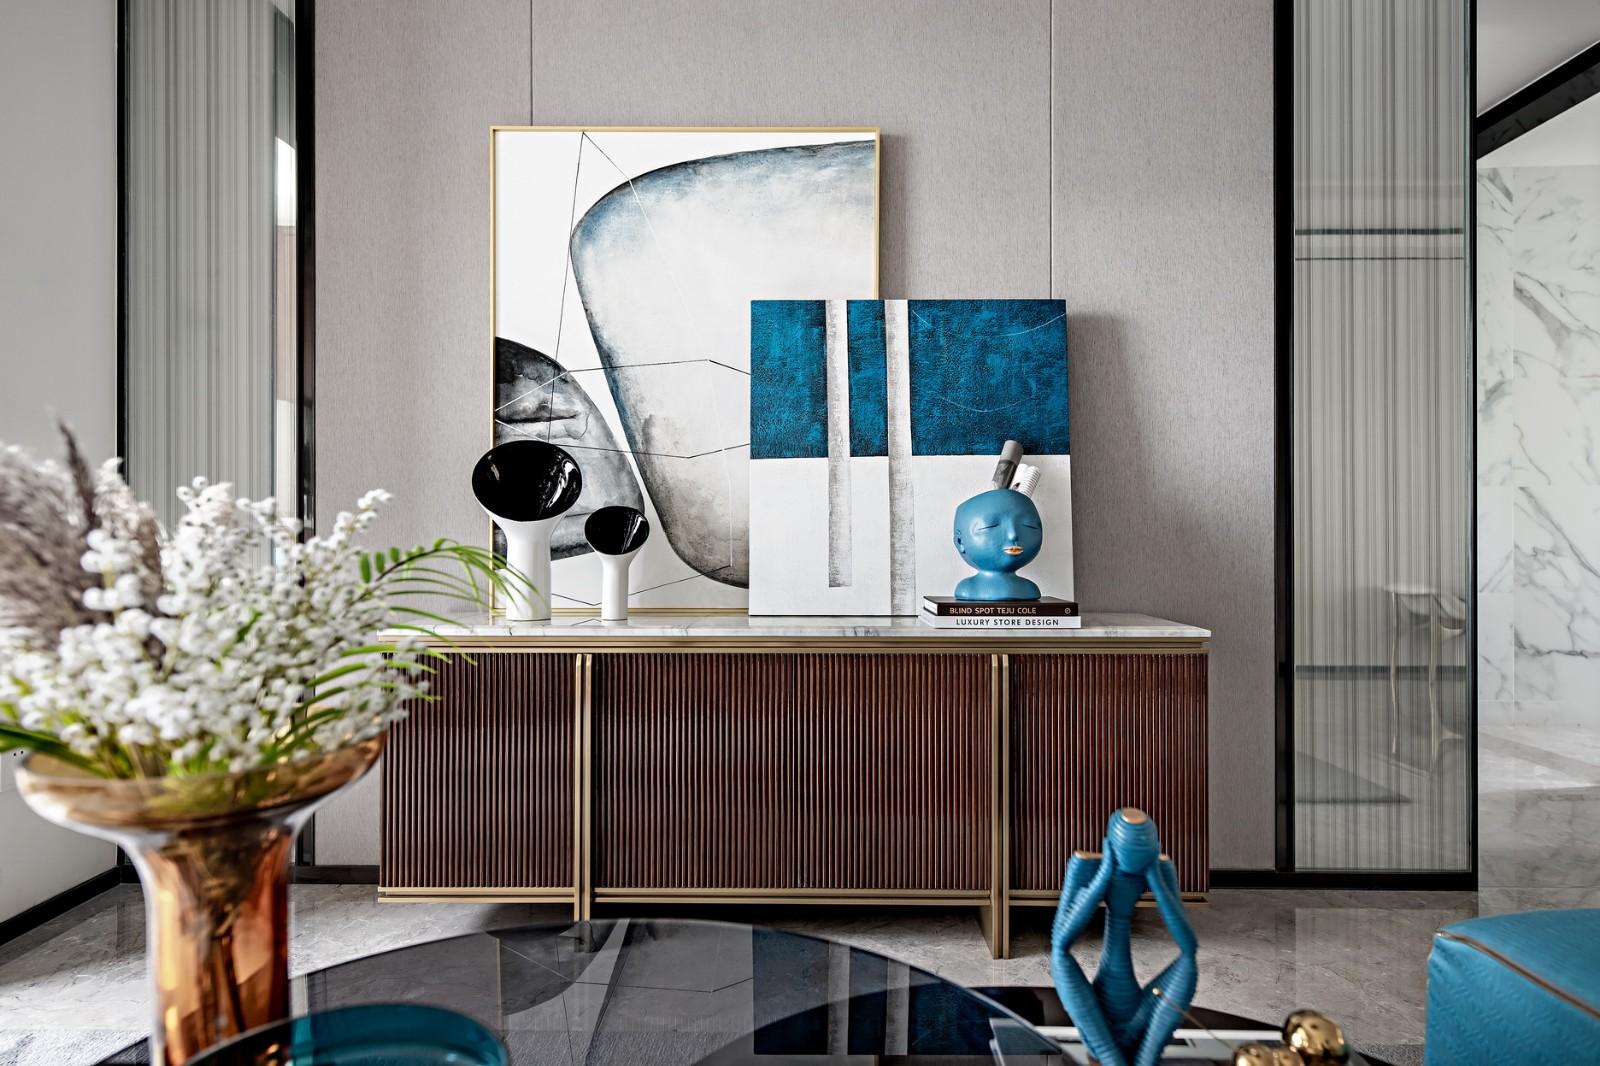 在空间中加入了木质色彩,在成熟的奢华中又增添了自然的温润。